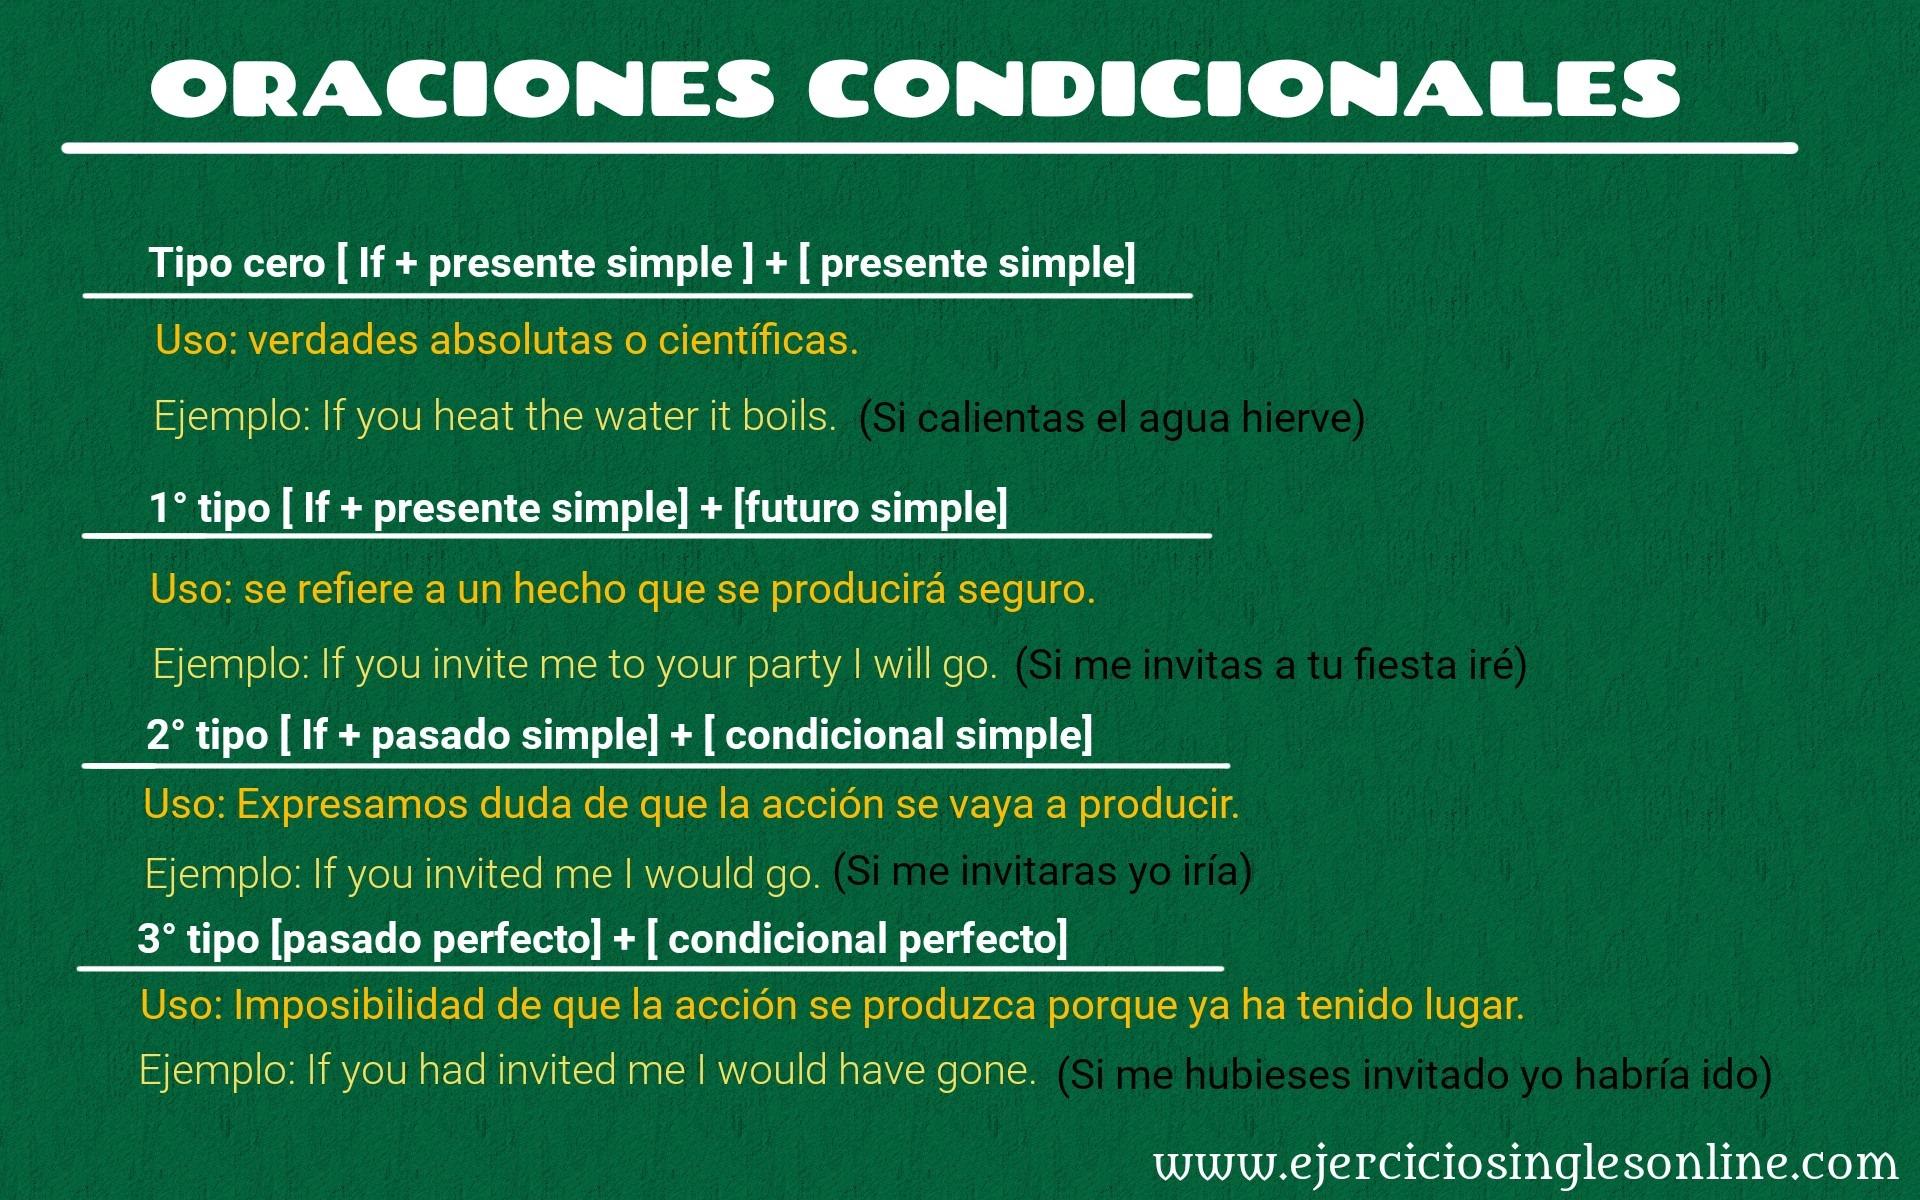 Condicionales - Ejercicio 1 - Interactivo